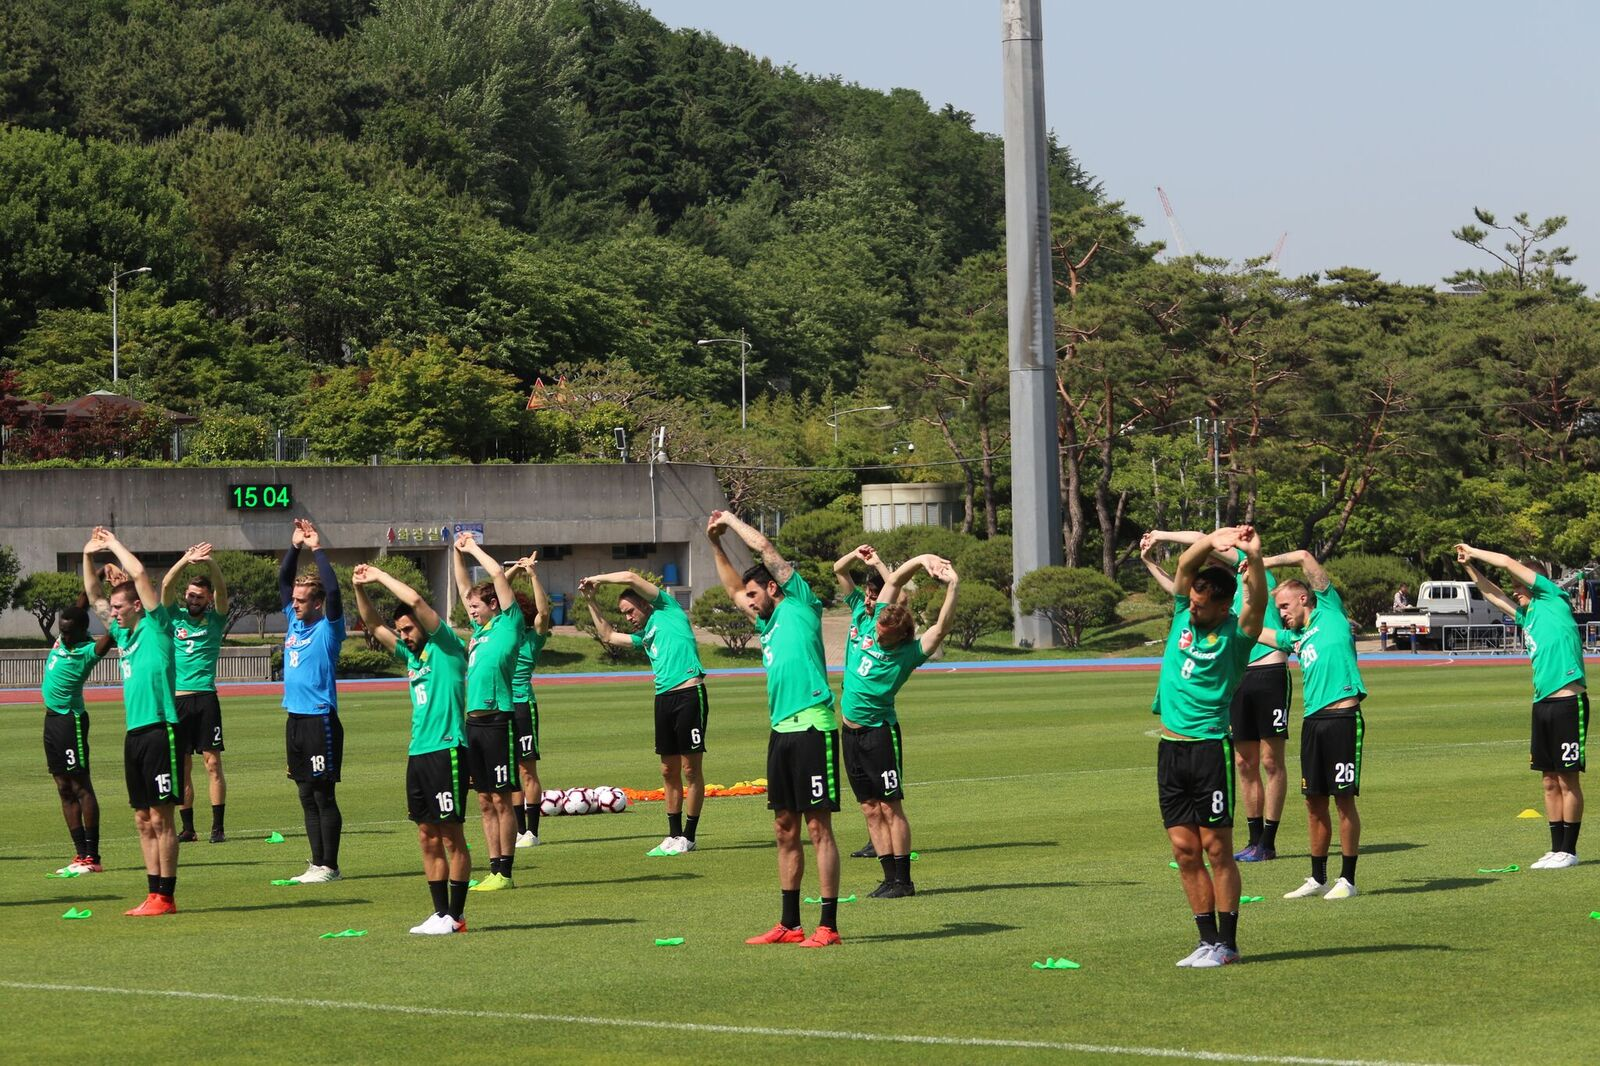 Gallery: Caltex Socceroos train in Busan ahead of Korea Republic clash